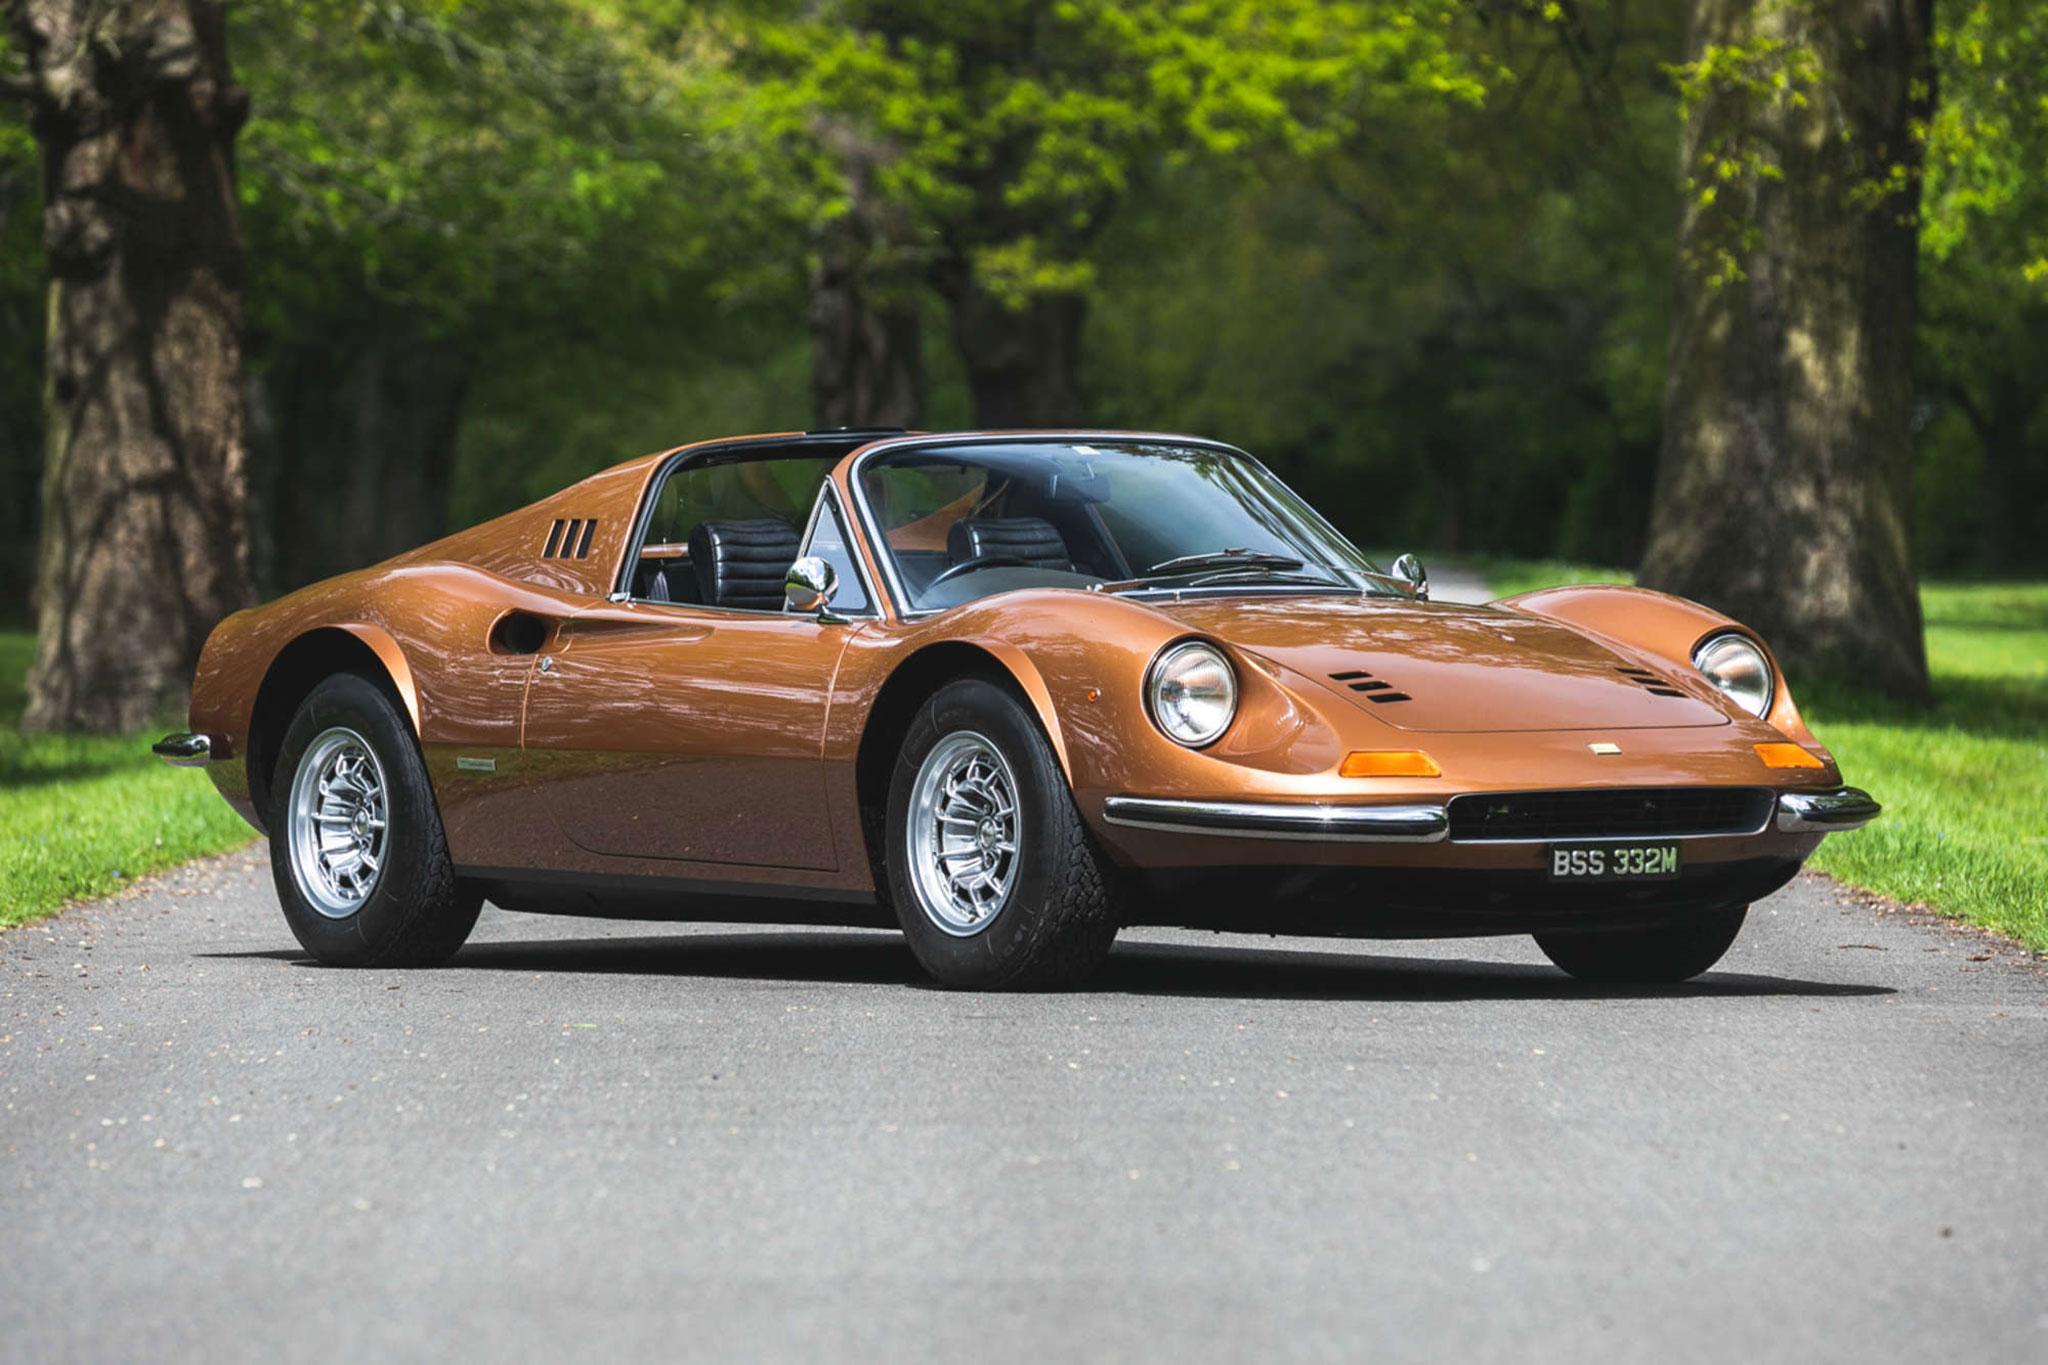 1974 Ferrari 246 Dino GTS adjugée £345,000.